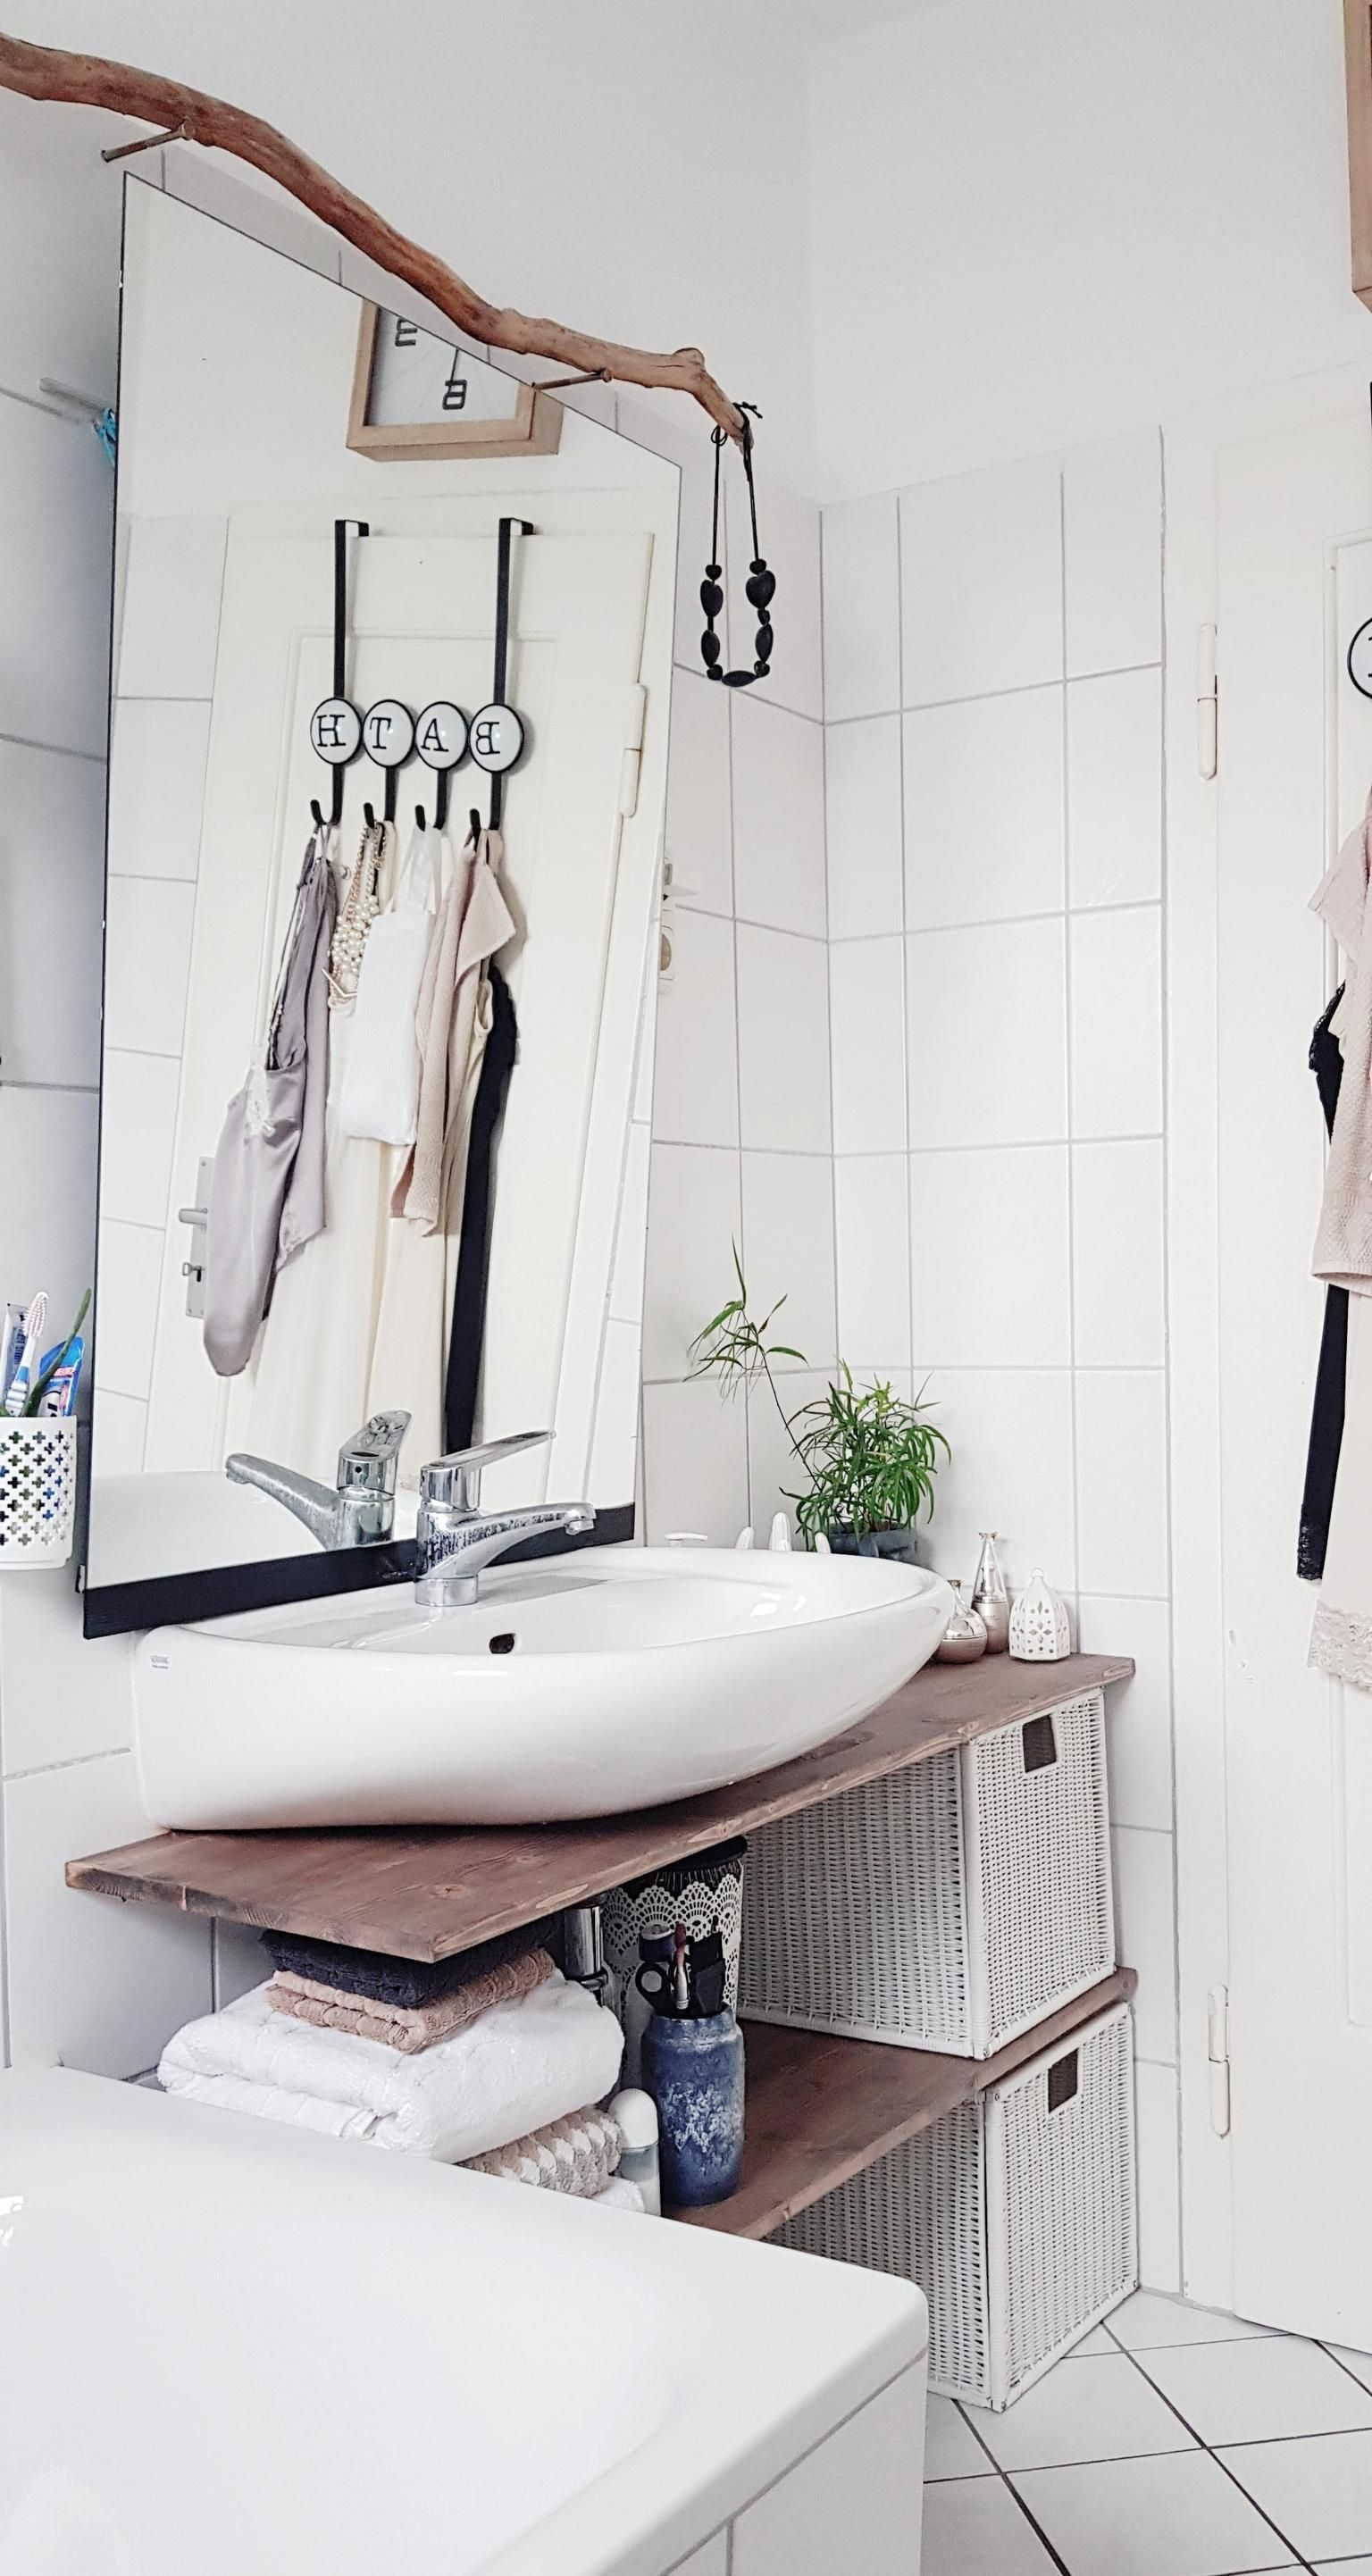 Kleinraum Minibad Badezimmer Diy Regal Badezimmer Gunstig Diy